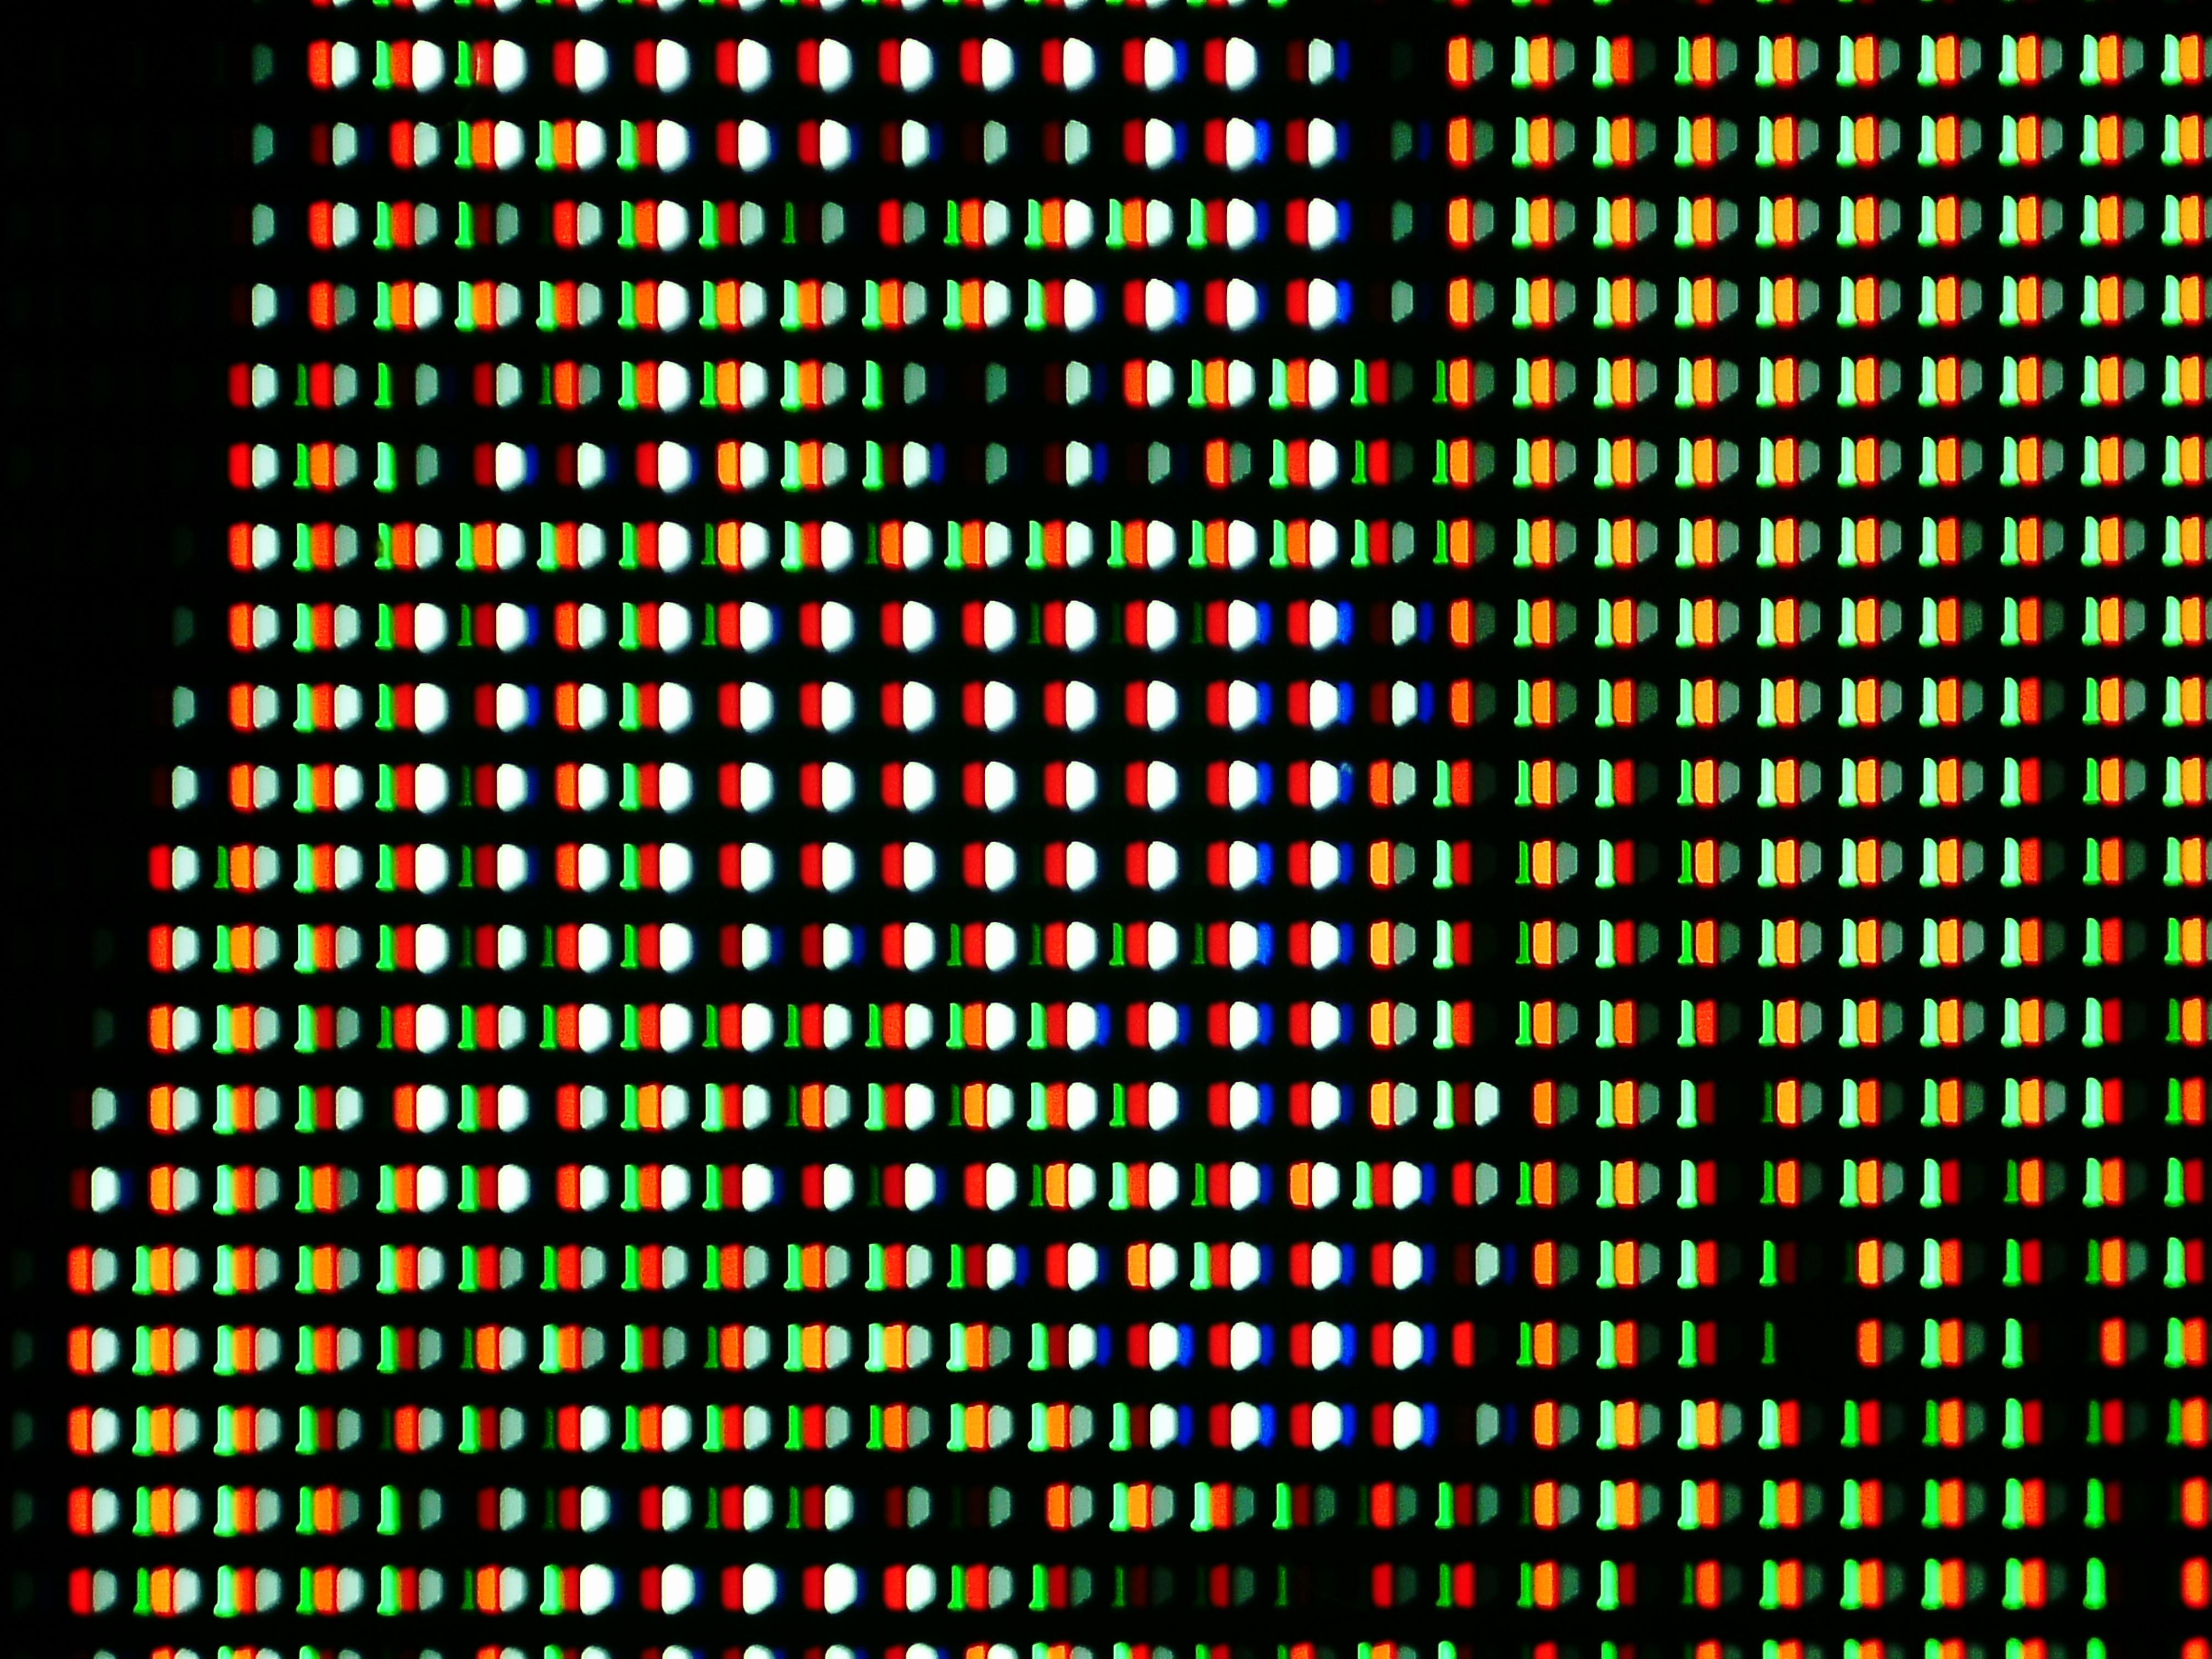 サブピクセルの光学30倍拡大顕微鏡写真